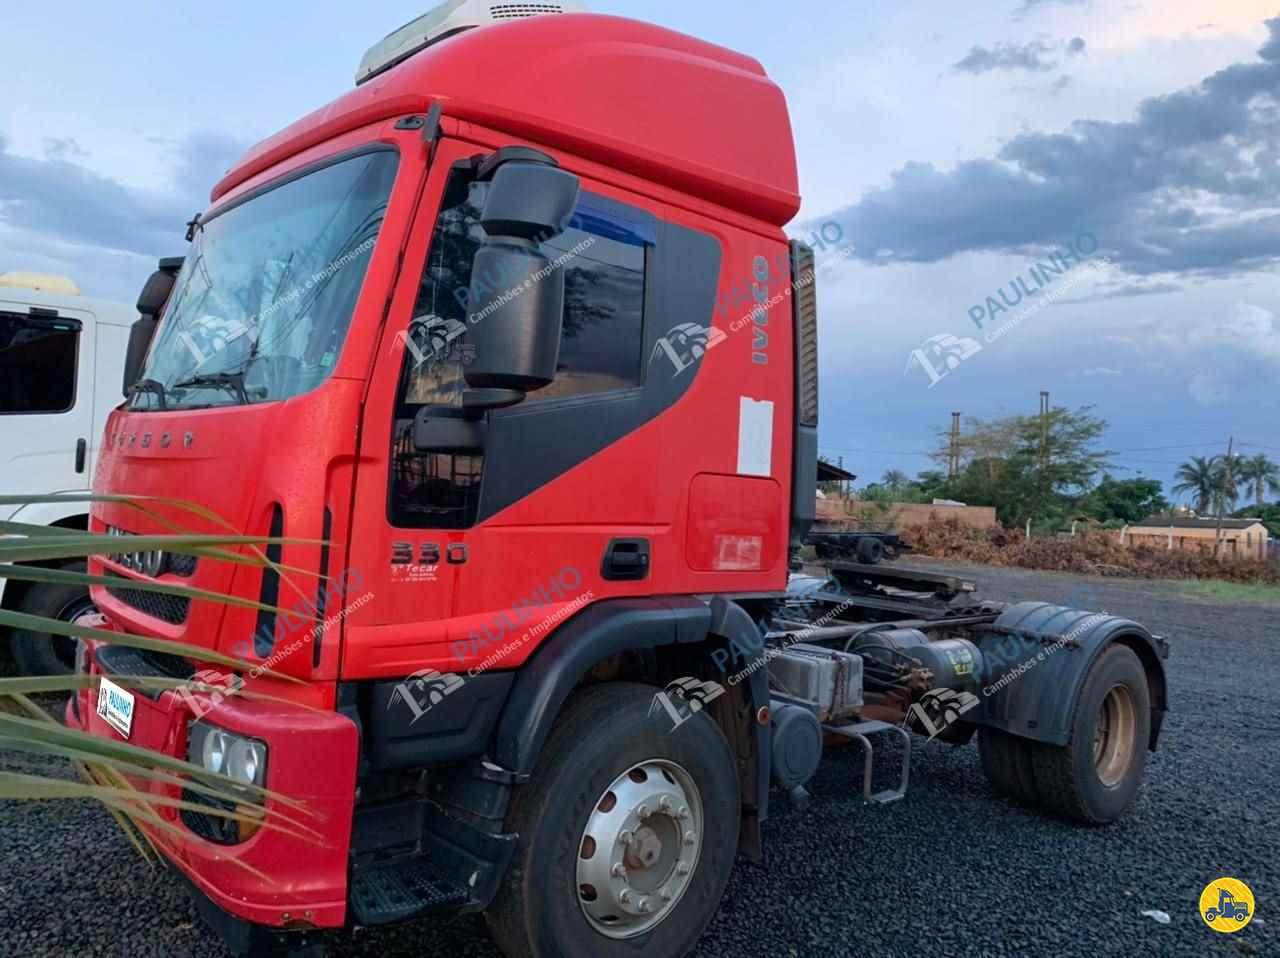 CAMINHAO IVECO CURSOR 450E33 Cavalo Mecânico Toco 4x2 Paulinho Caminhões RIO VERDE GOIAS GO